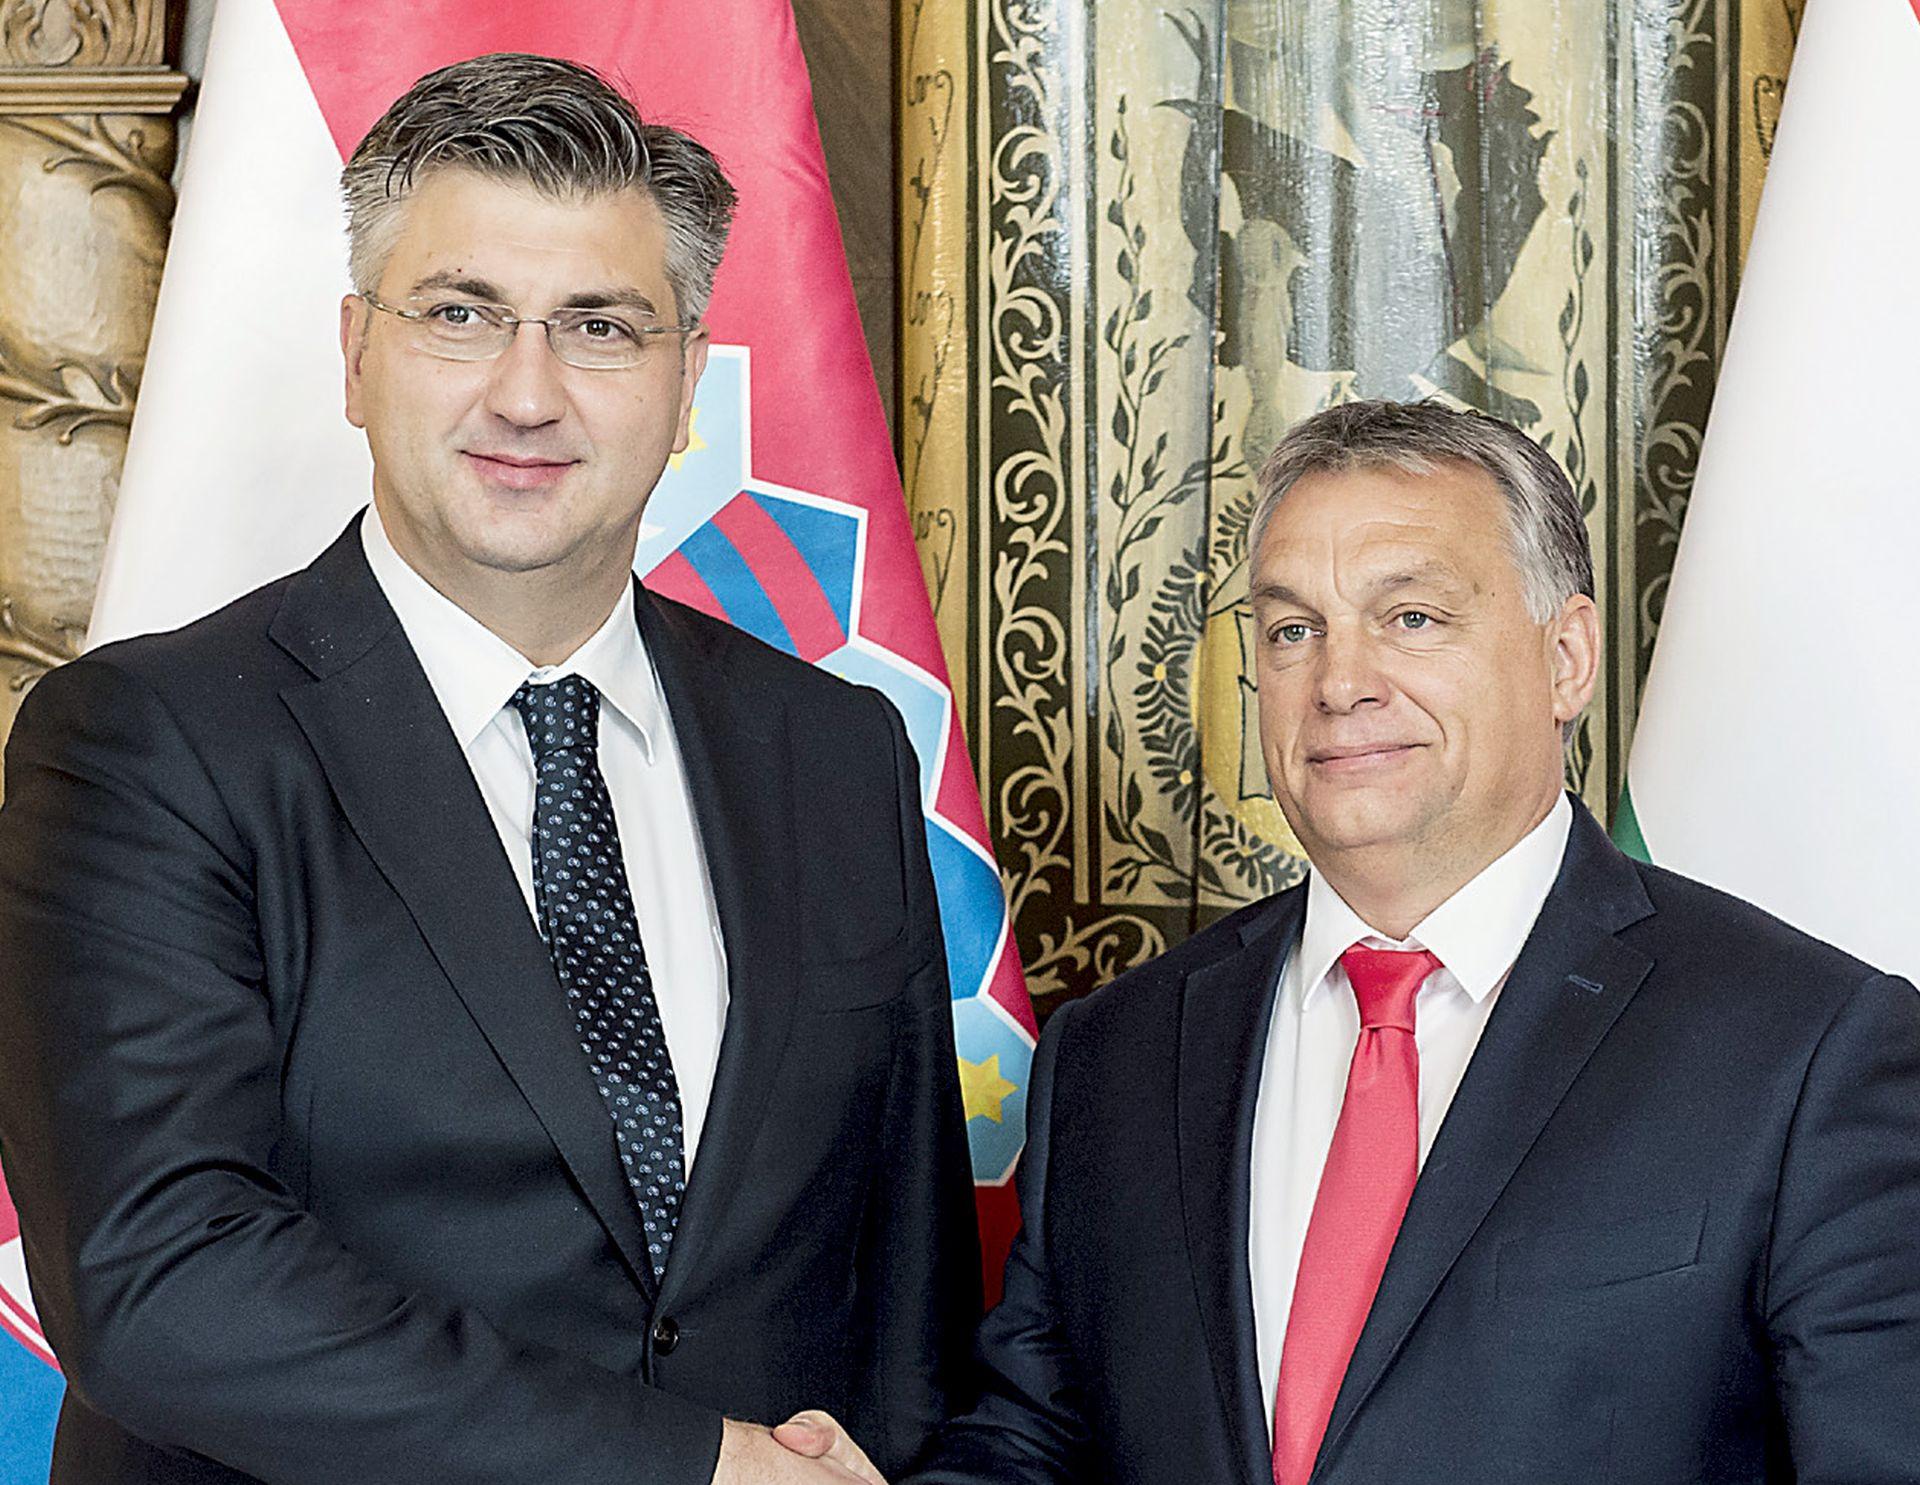 Slučaj Hernádi Plenković treba iskoristiti za bolji dogovor Ine i MOL-a'